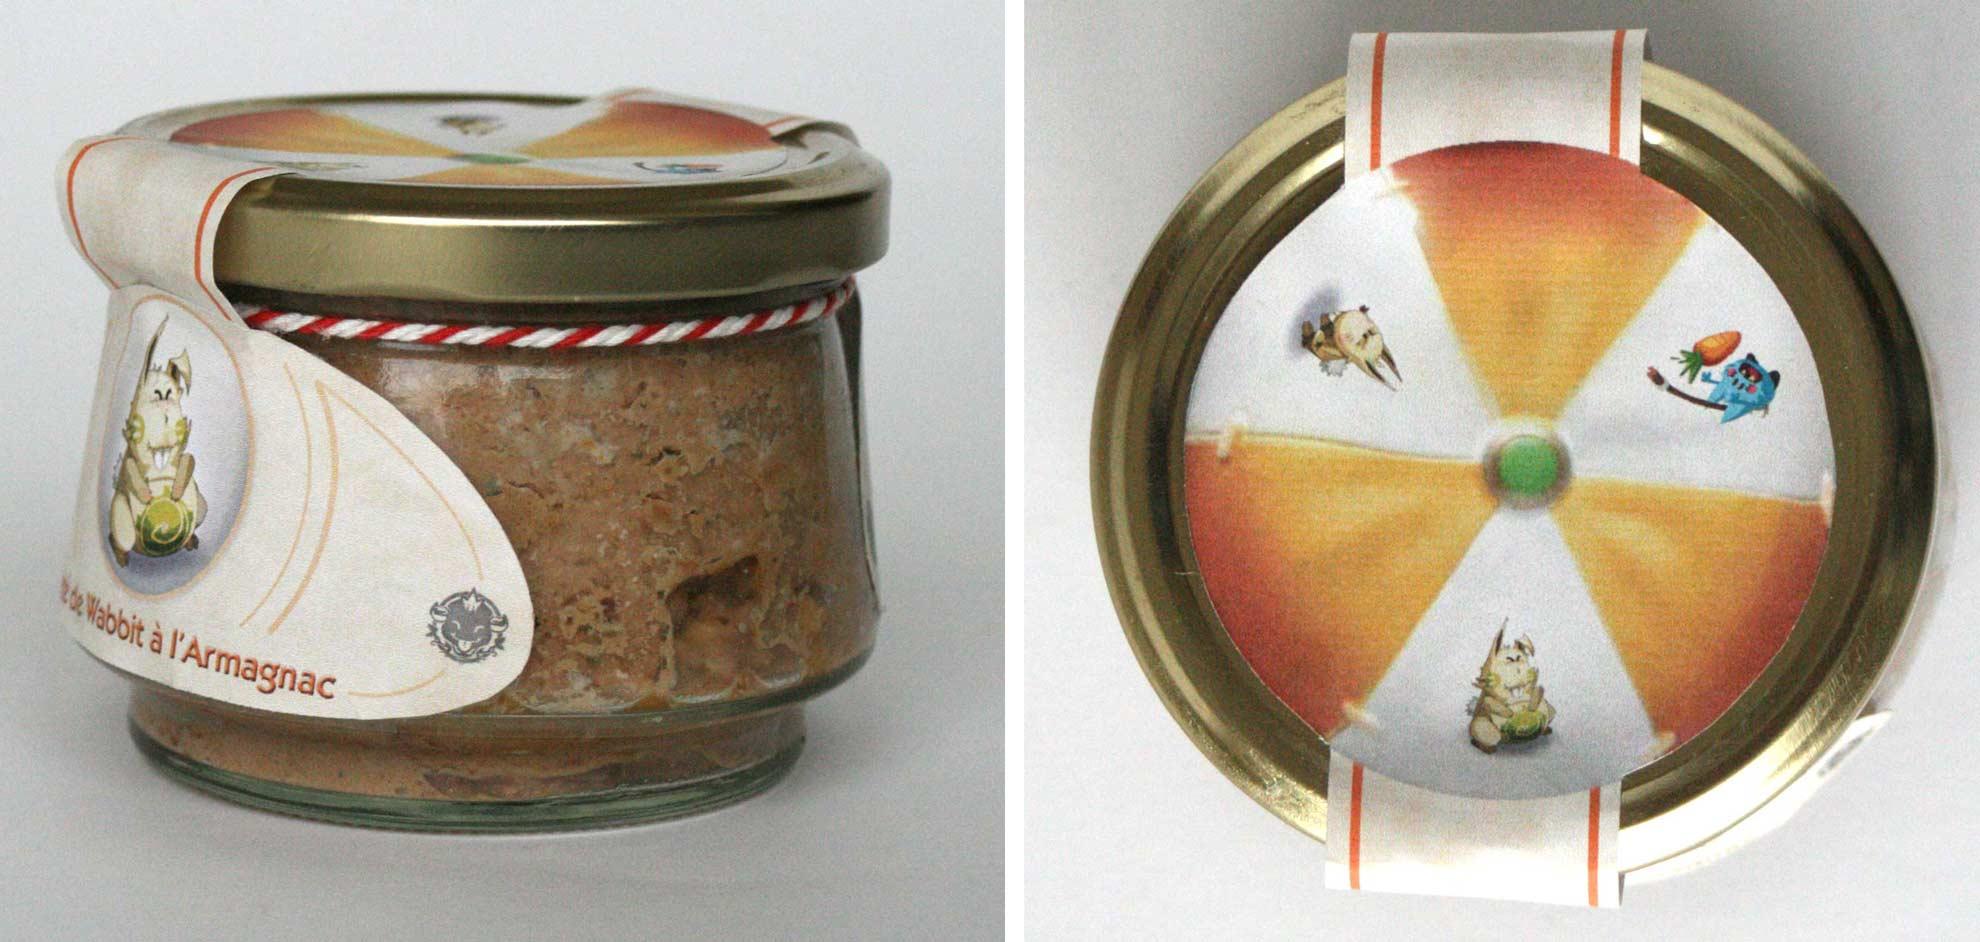 le couvercle du pâté de Wabbit reprend le motif du chapeau du Wa Wabbit